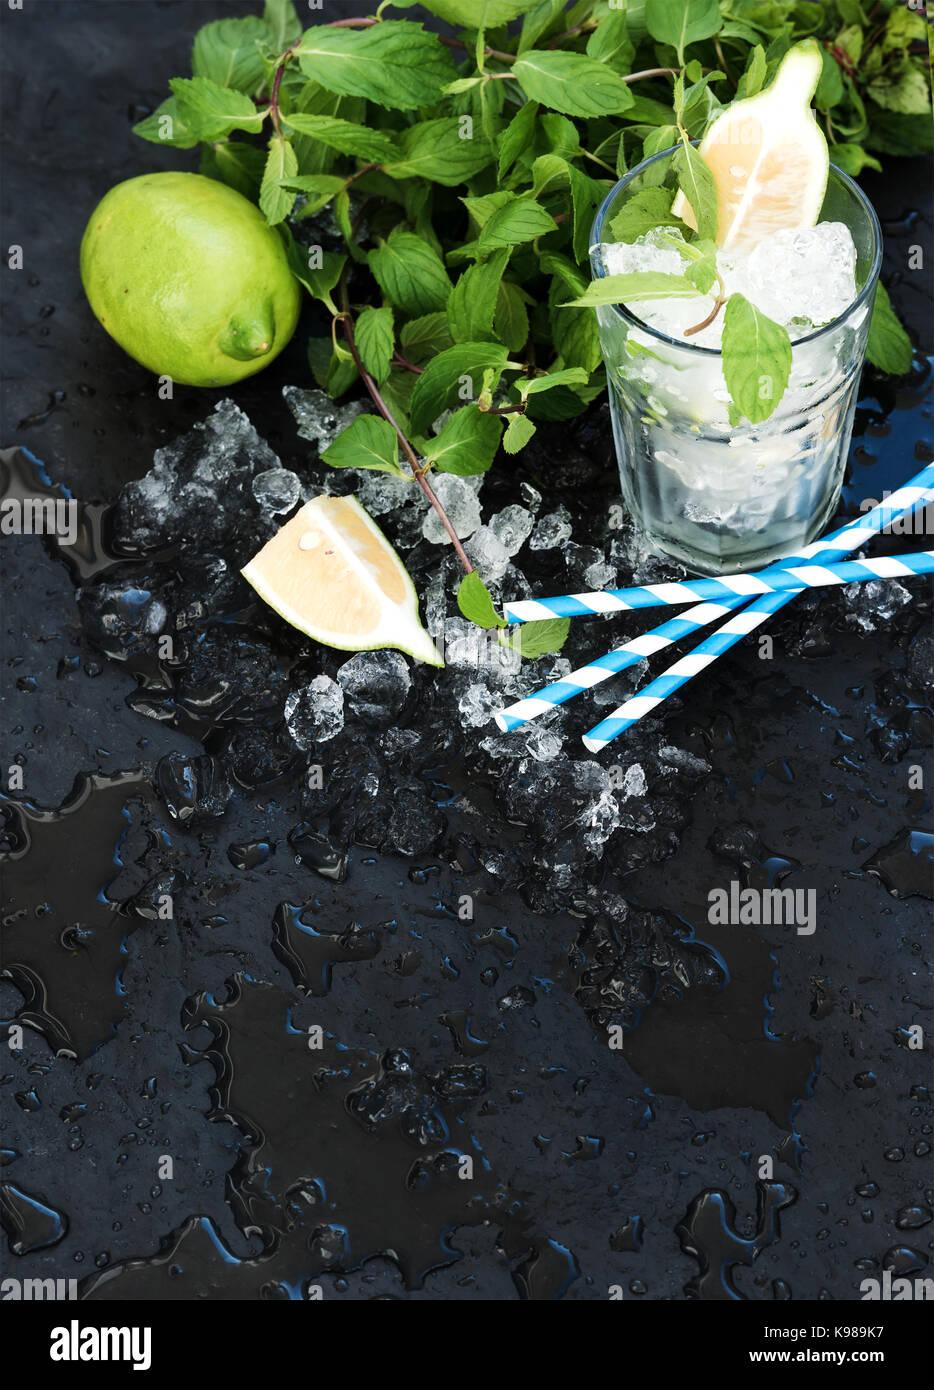 Mojito kochen. Bündel frischer Minze, Limette, Eis und coctail Glas über schwarzen Schiefer Hintergrund Stockbild